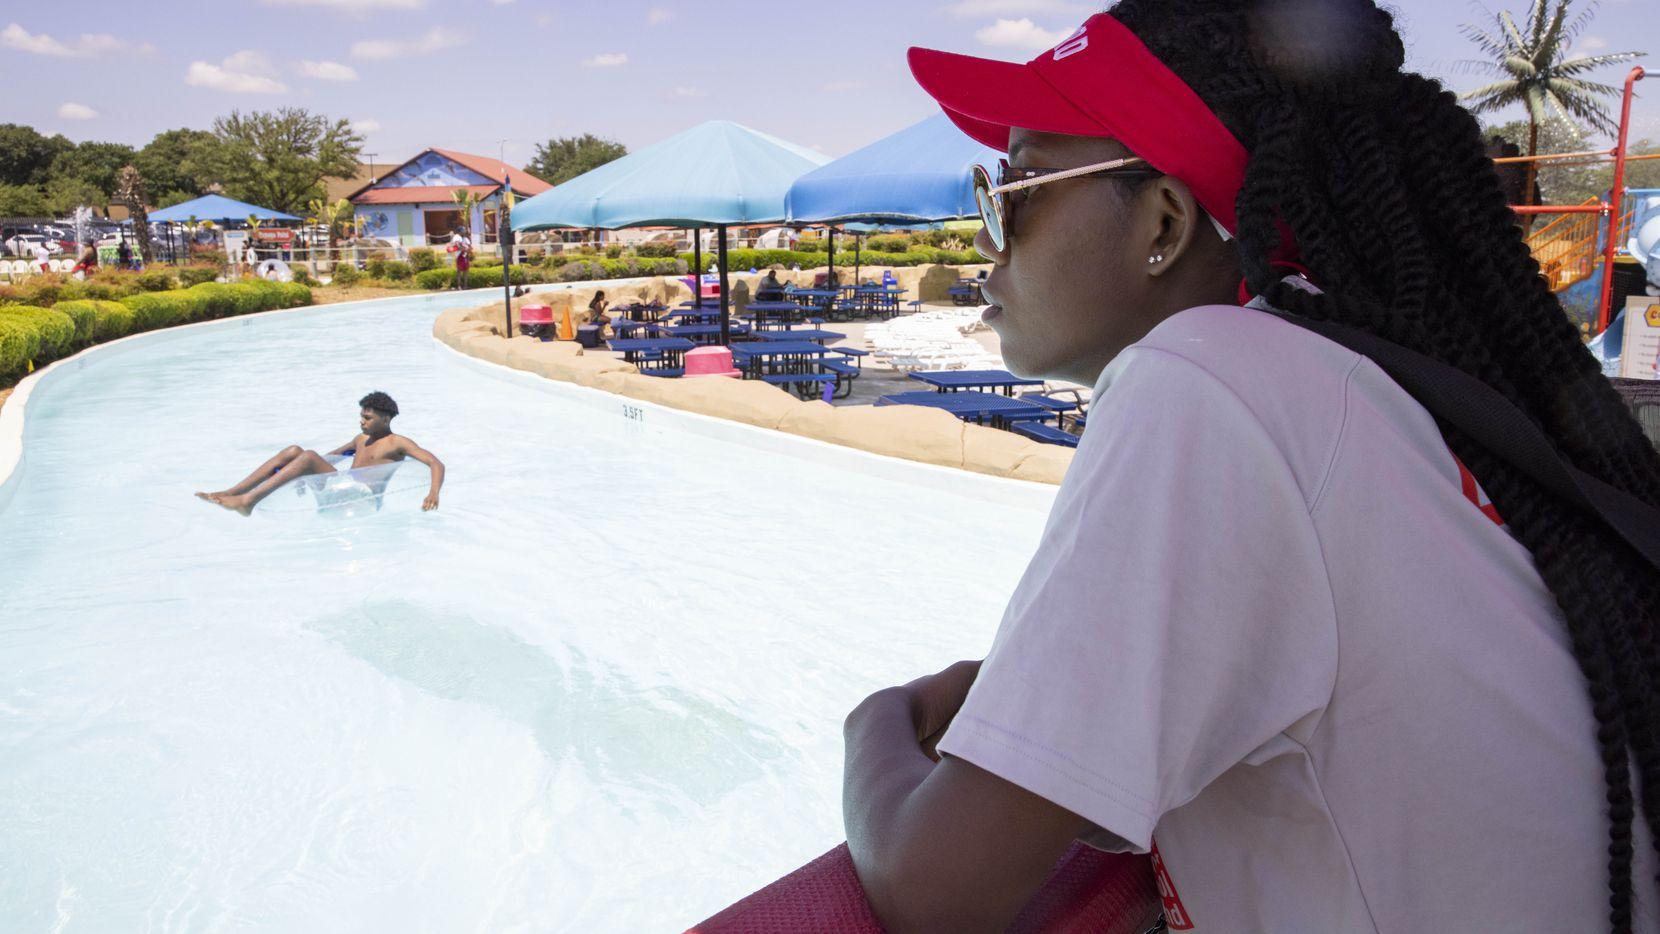 Bahama Beach Waterpark en Dallas tendrá acceso gratuito para adolescentes en el mes de julio.